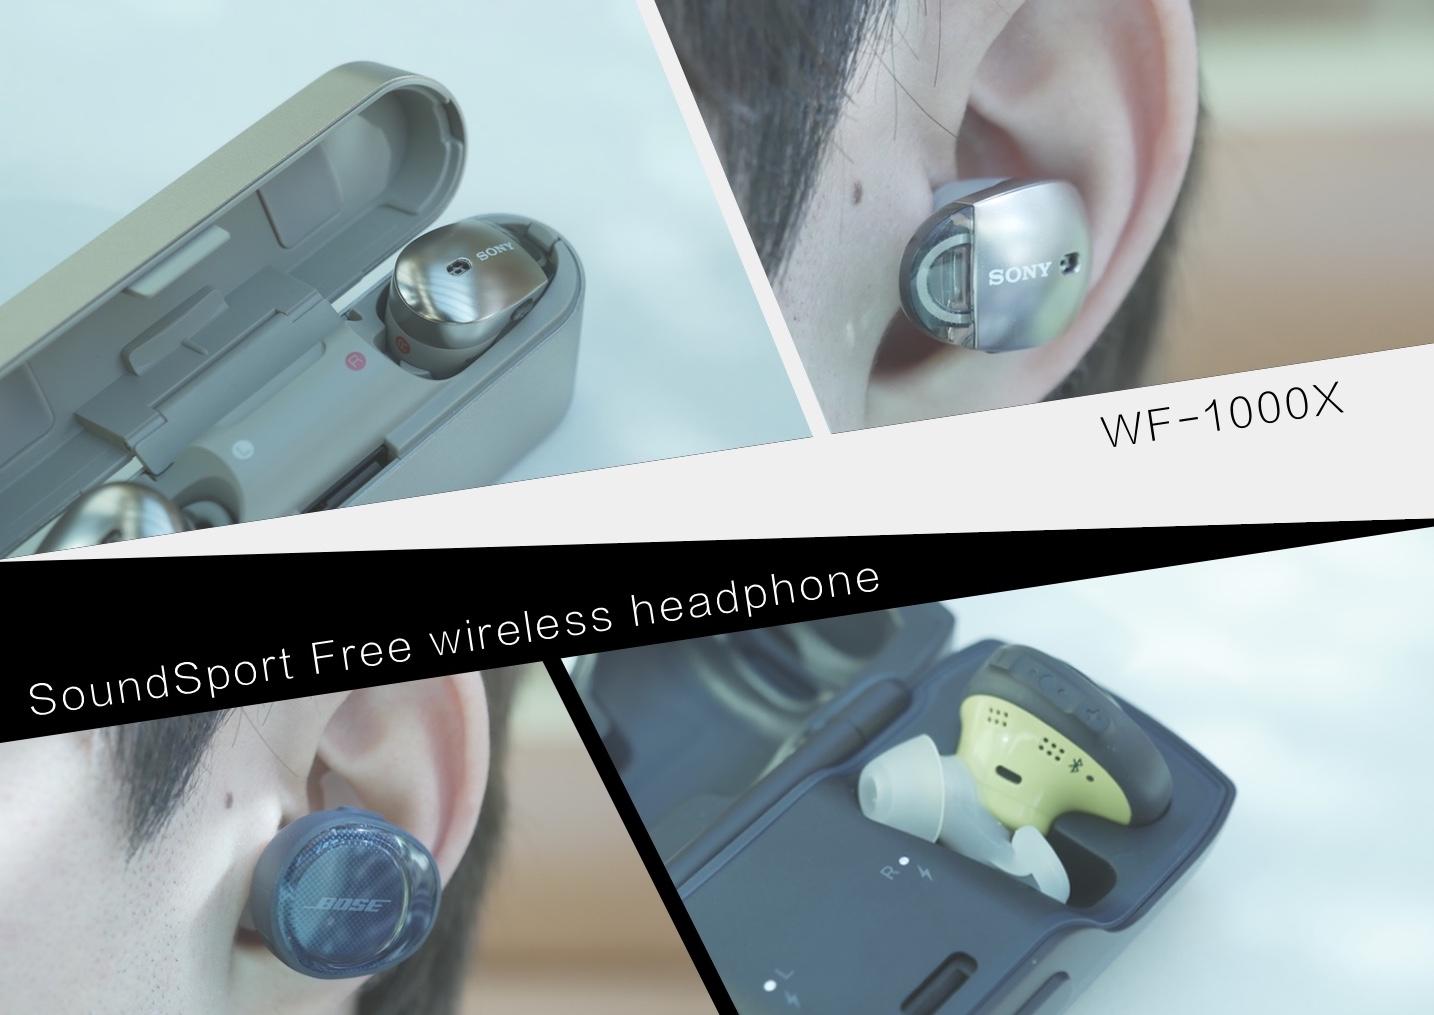 【比較レビュー】注目のトゥルーワイヤレス、どっちがオススメ?「BOSE SoundSport Free wireless headphones・SONY WF-1000X」